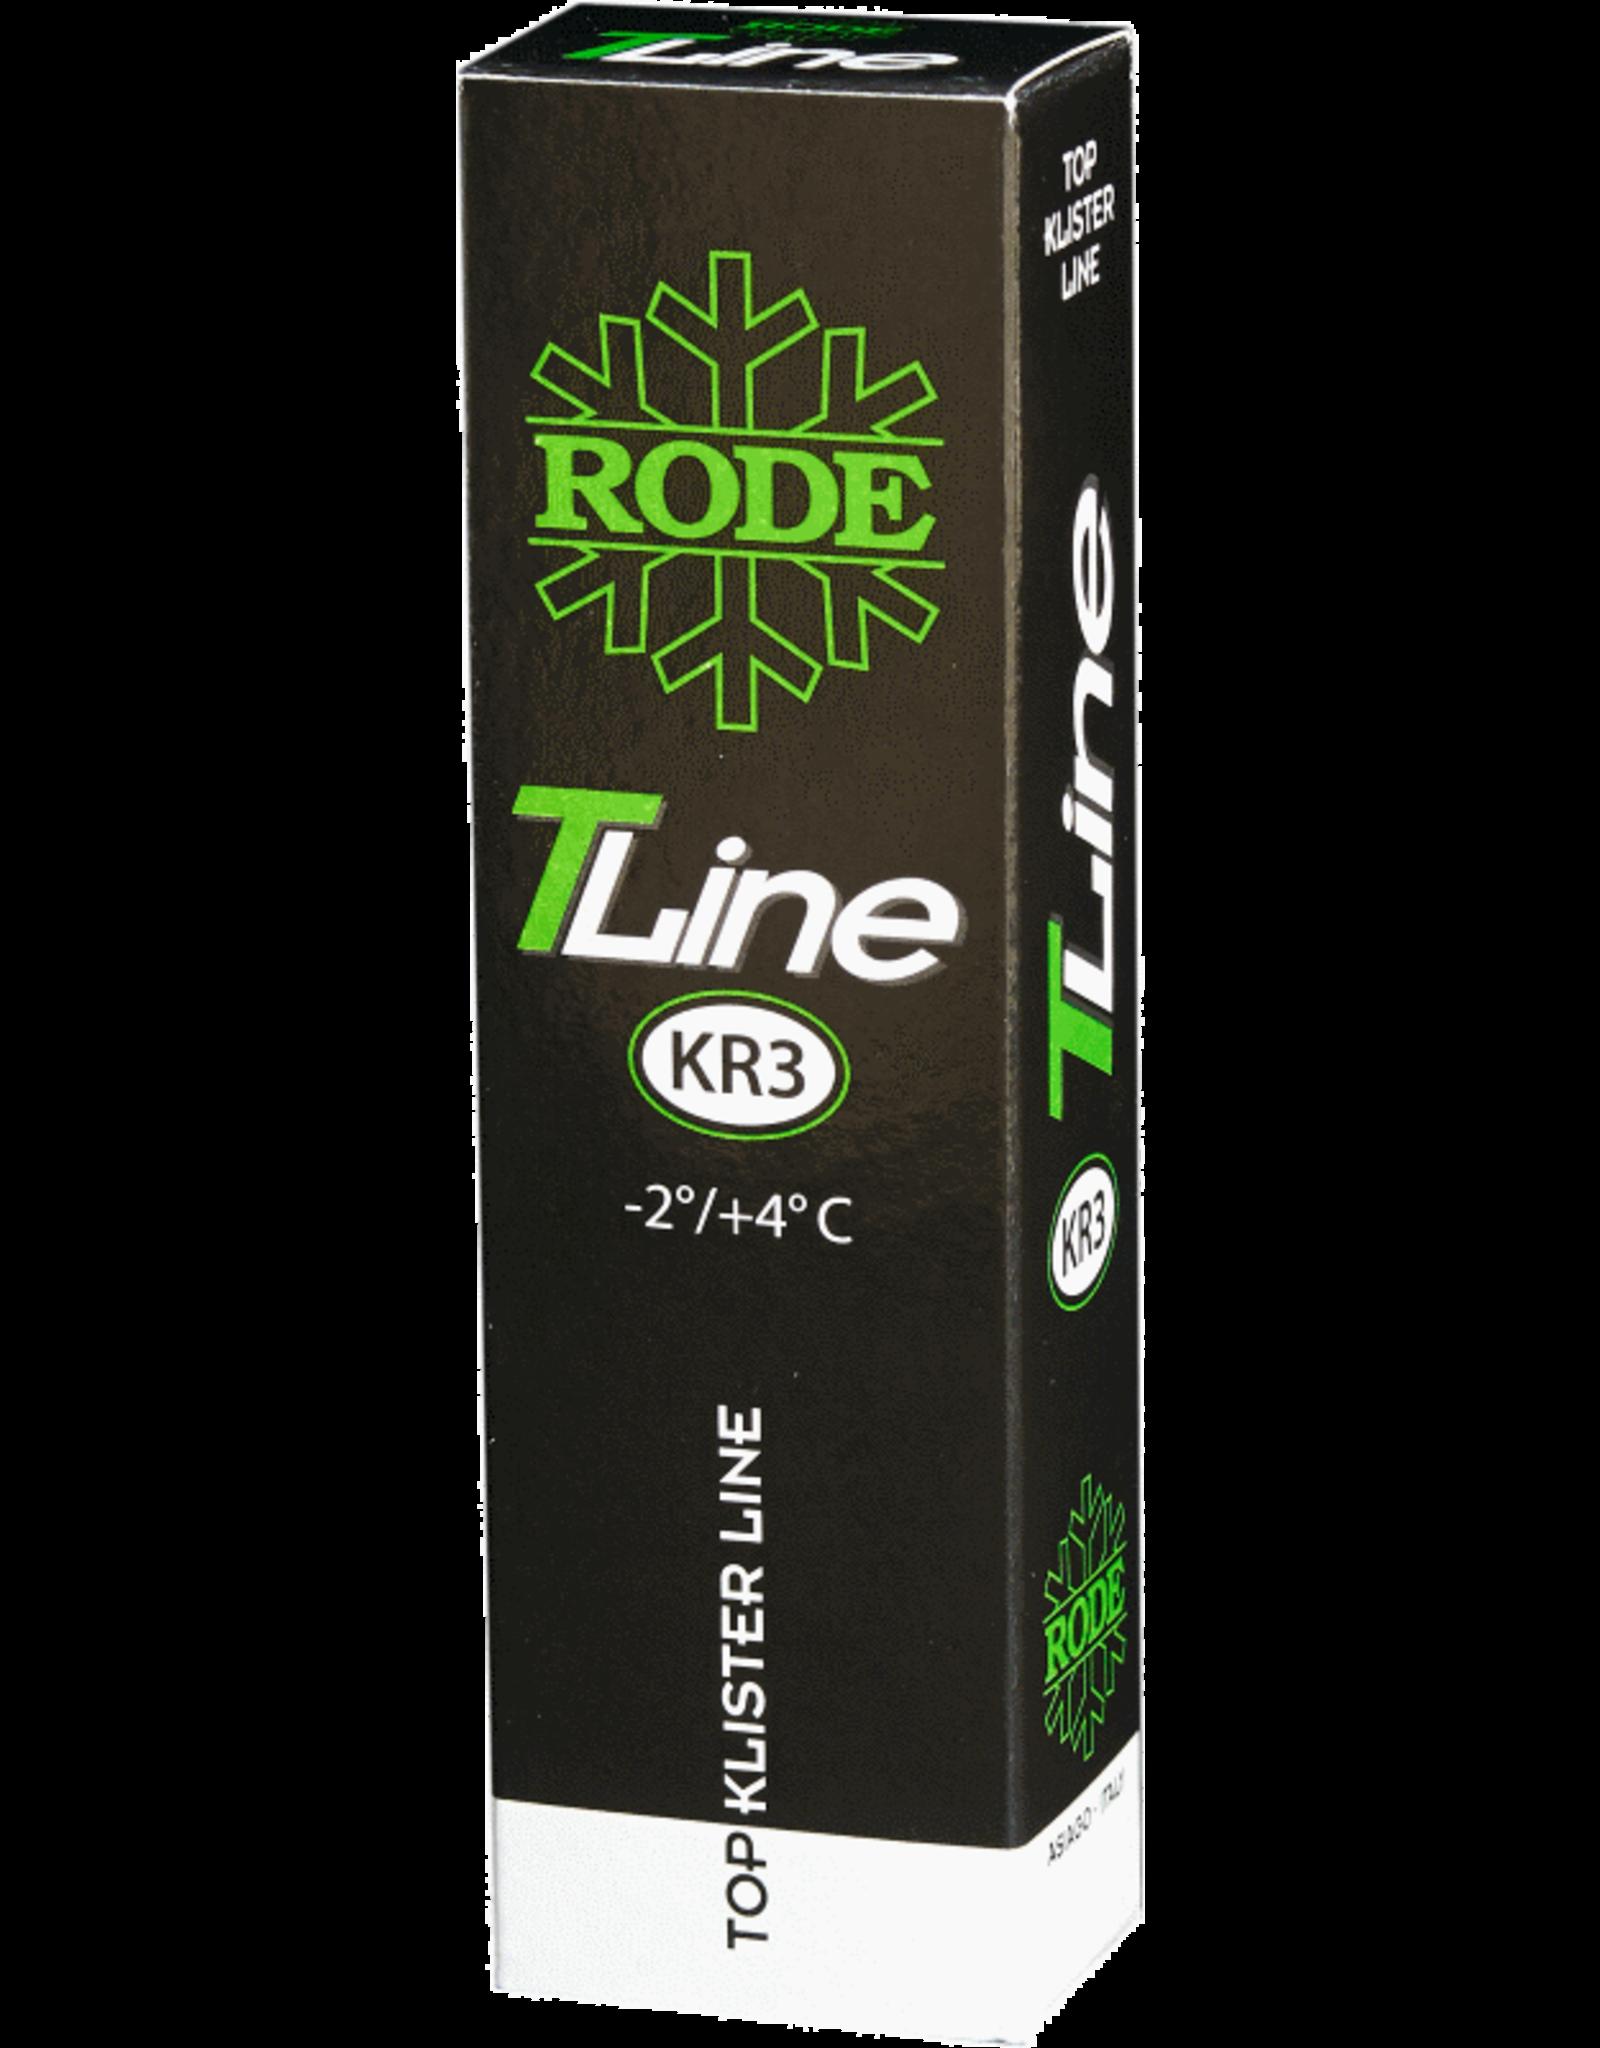 Rode Rode Klister Top Line KR3